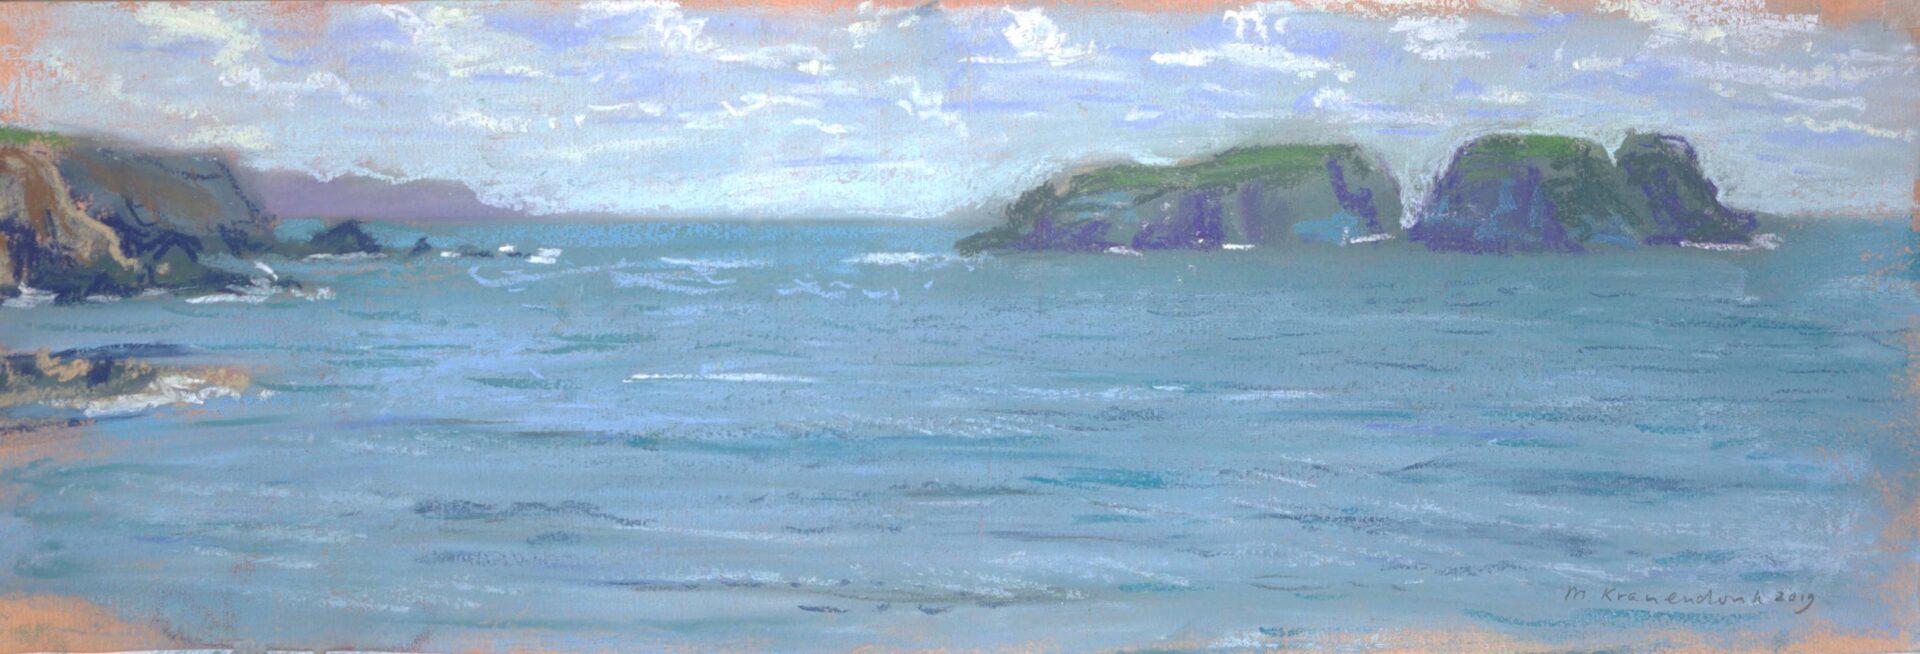 Schilderij pastel van kust Wales Engeland met rotsen